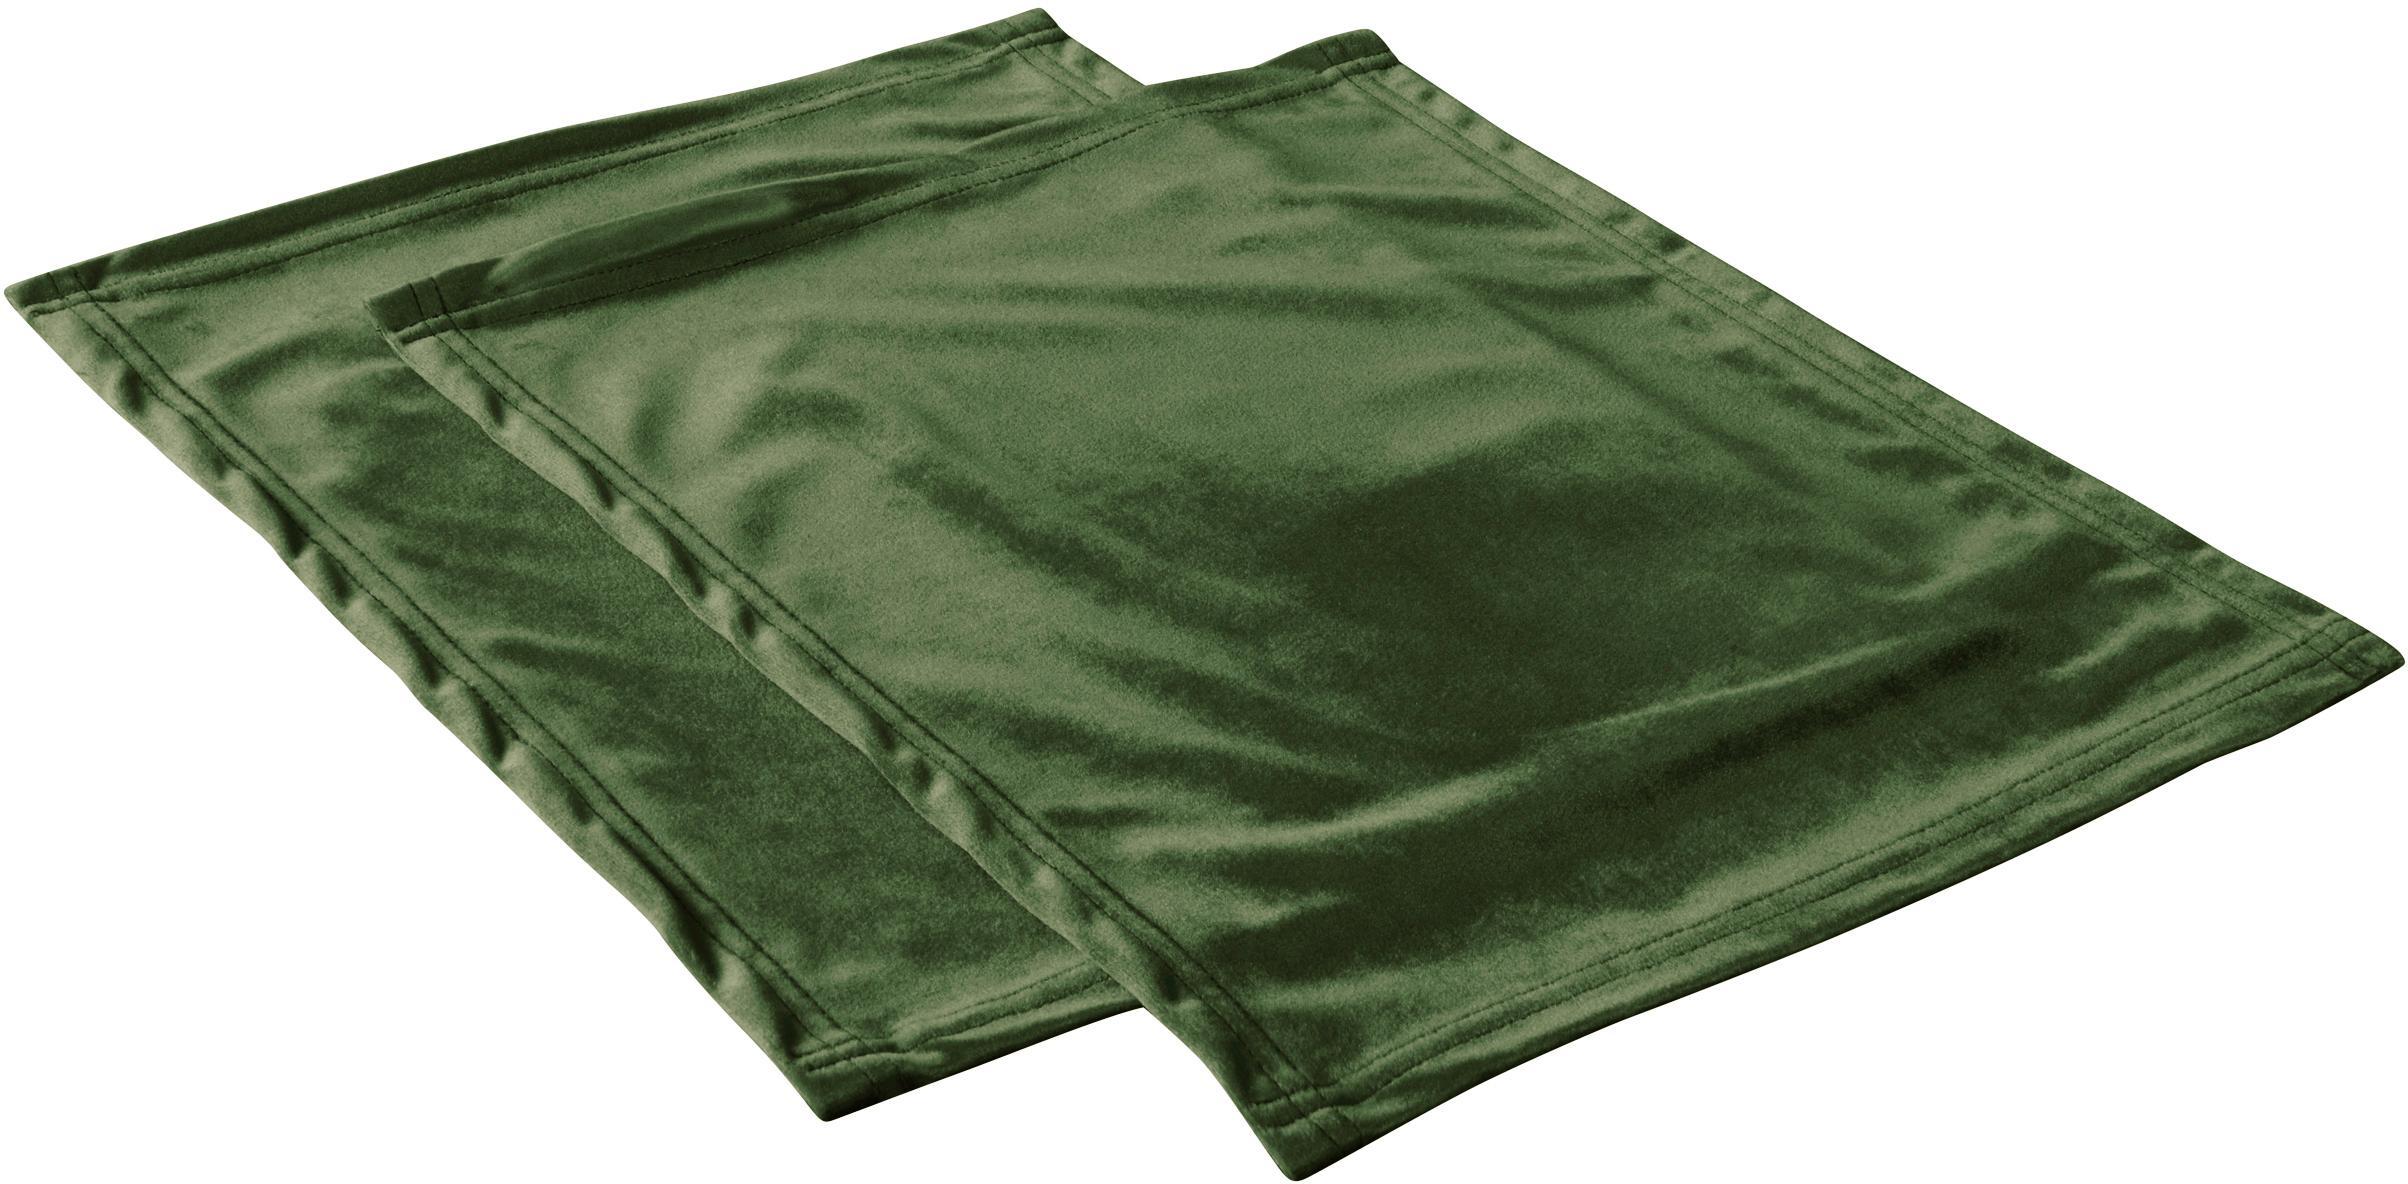 Tovaglietta americana in velluto Simone 2 pz, 100% velluto di poliestere, Verde oliva, Larg. 35 x Lung. 45 cm